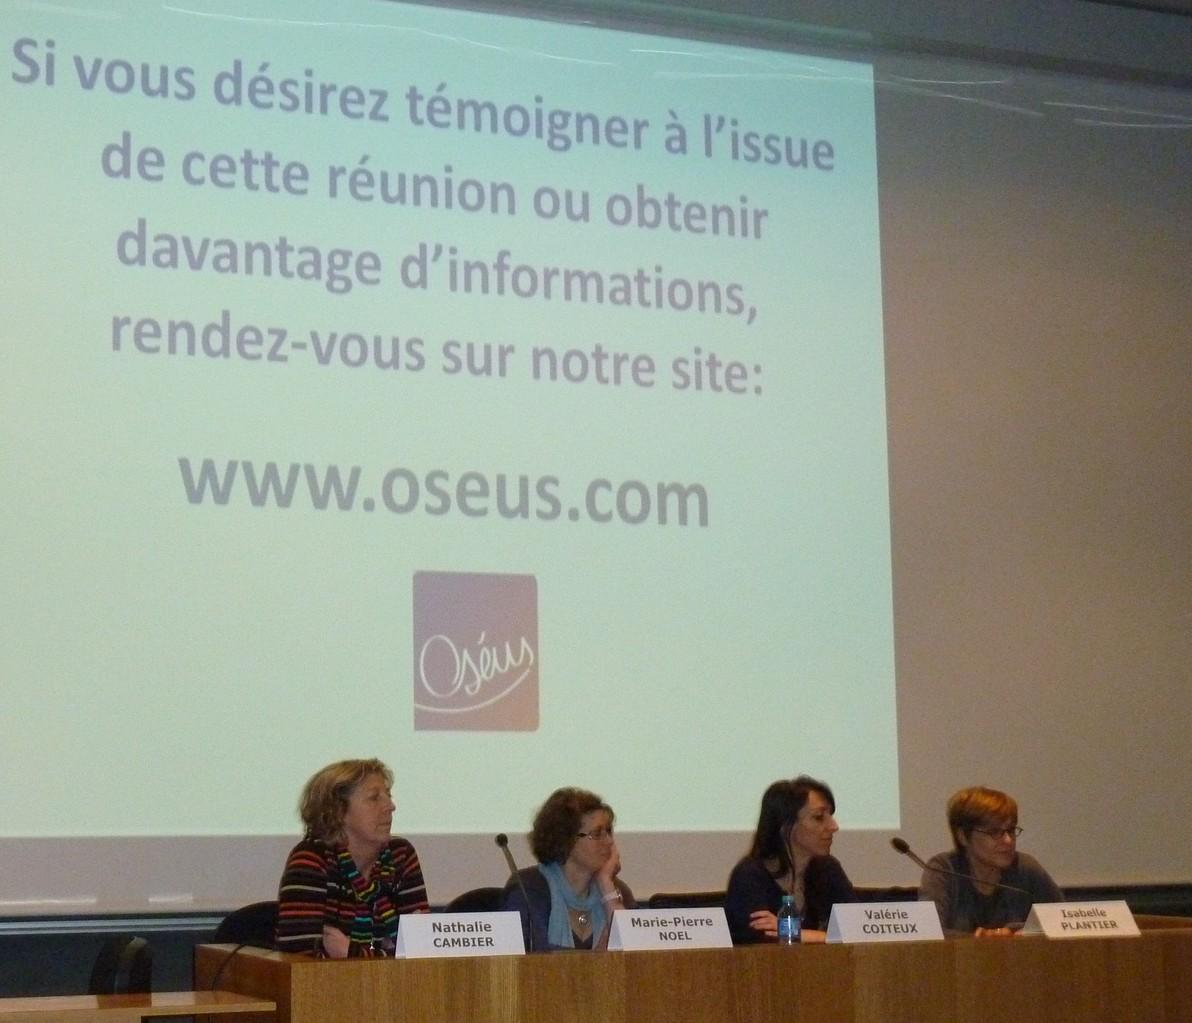 Les Dr Nathalie CAMBIER, Marie-Pierre Noel, Valérie COITEUX et Isabelle  PLANTIER - Journée Patients FiLMC Lille